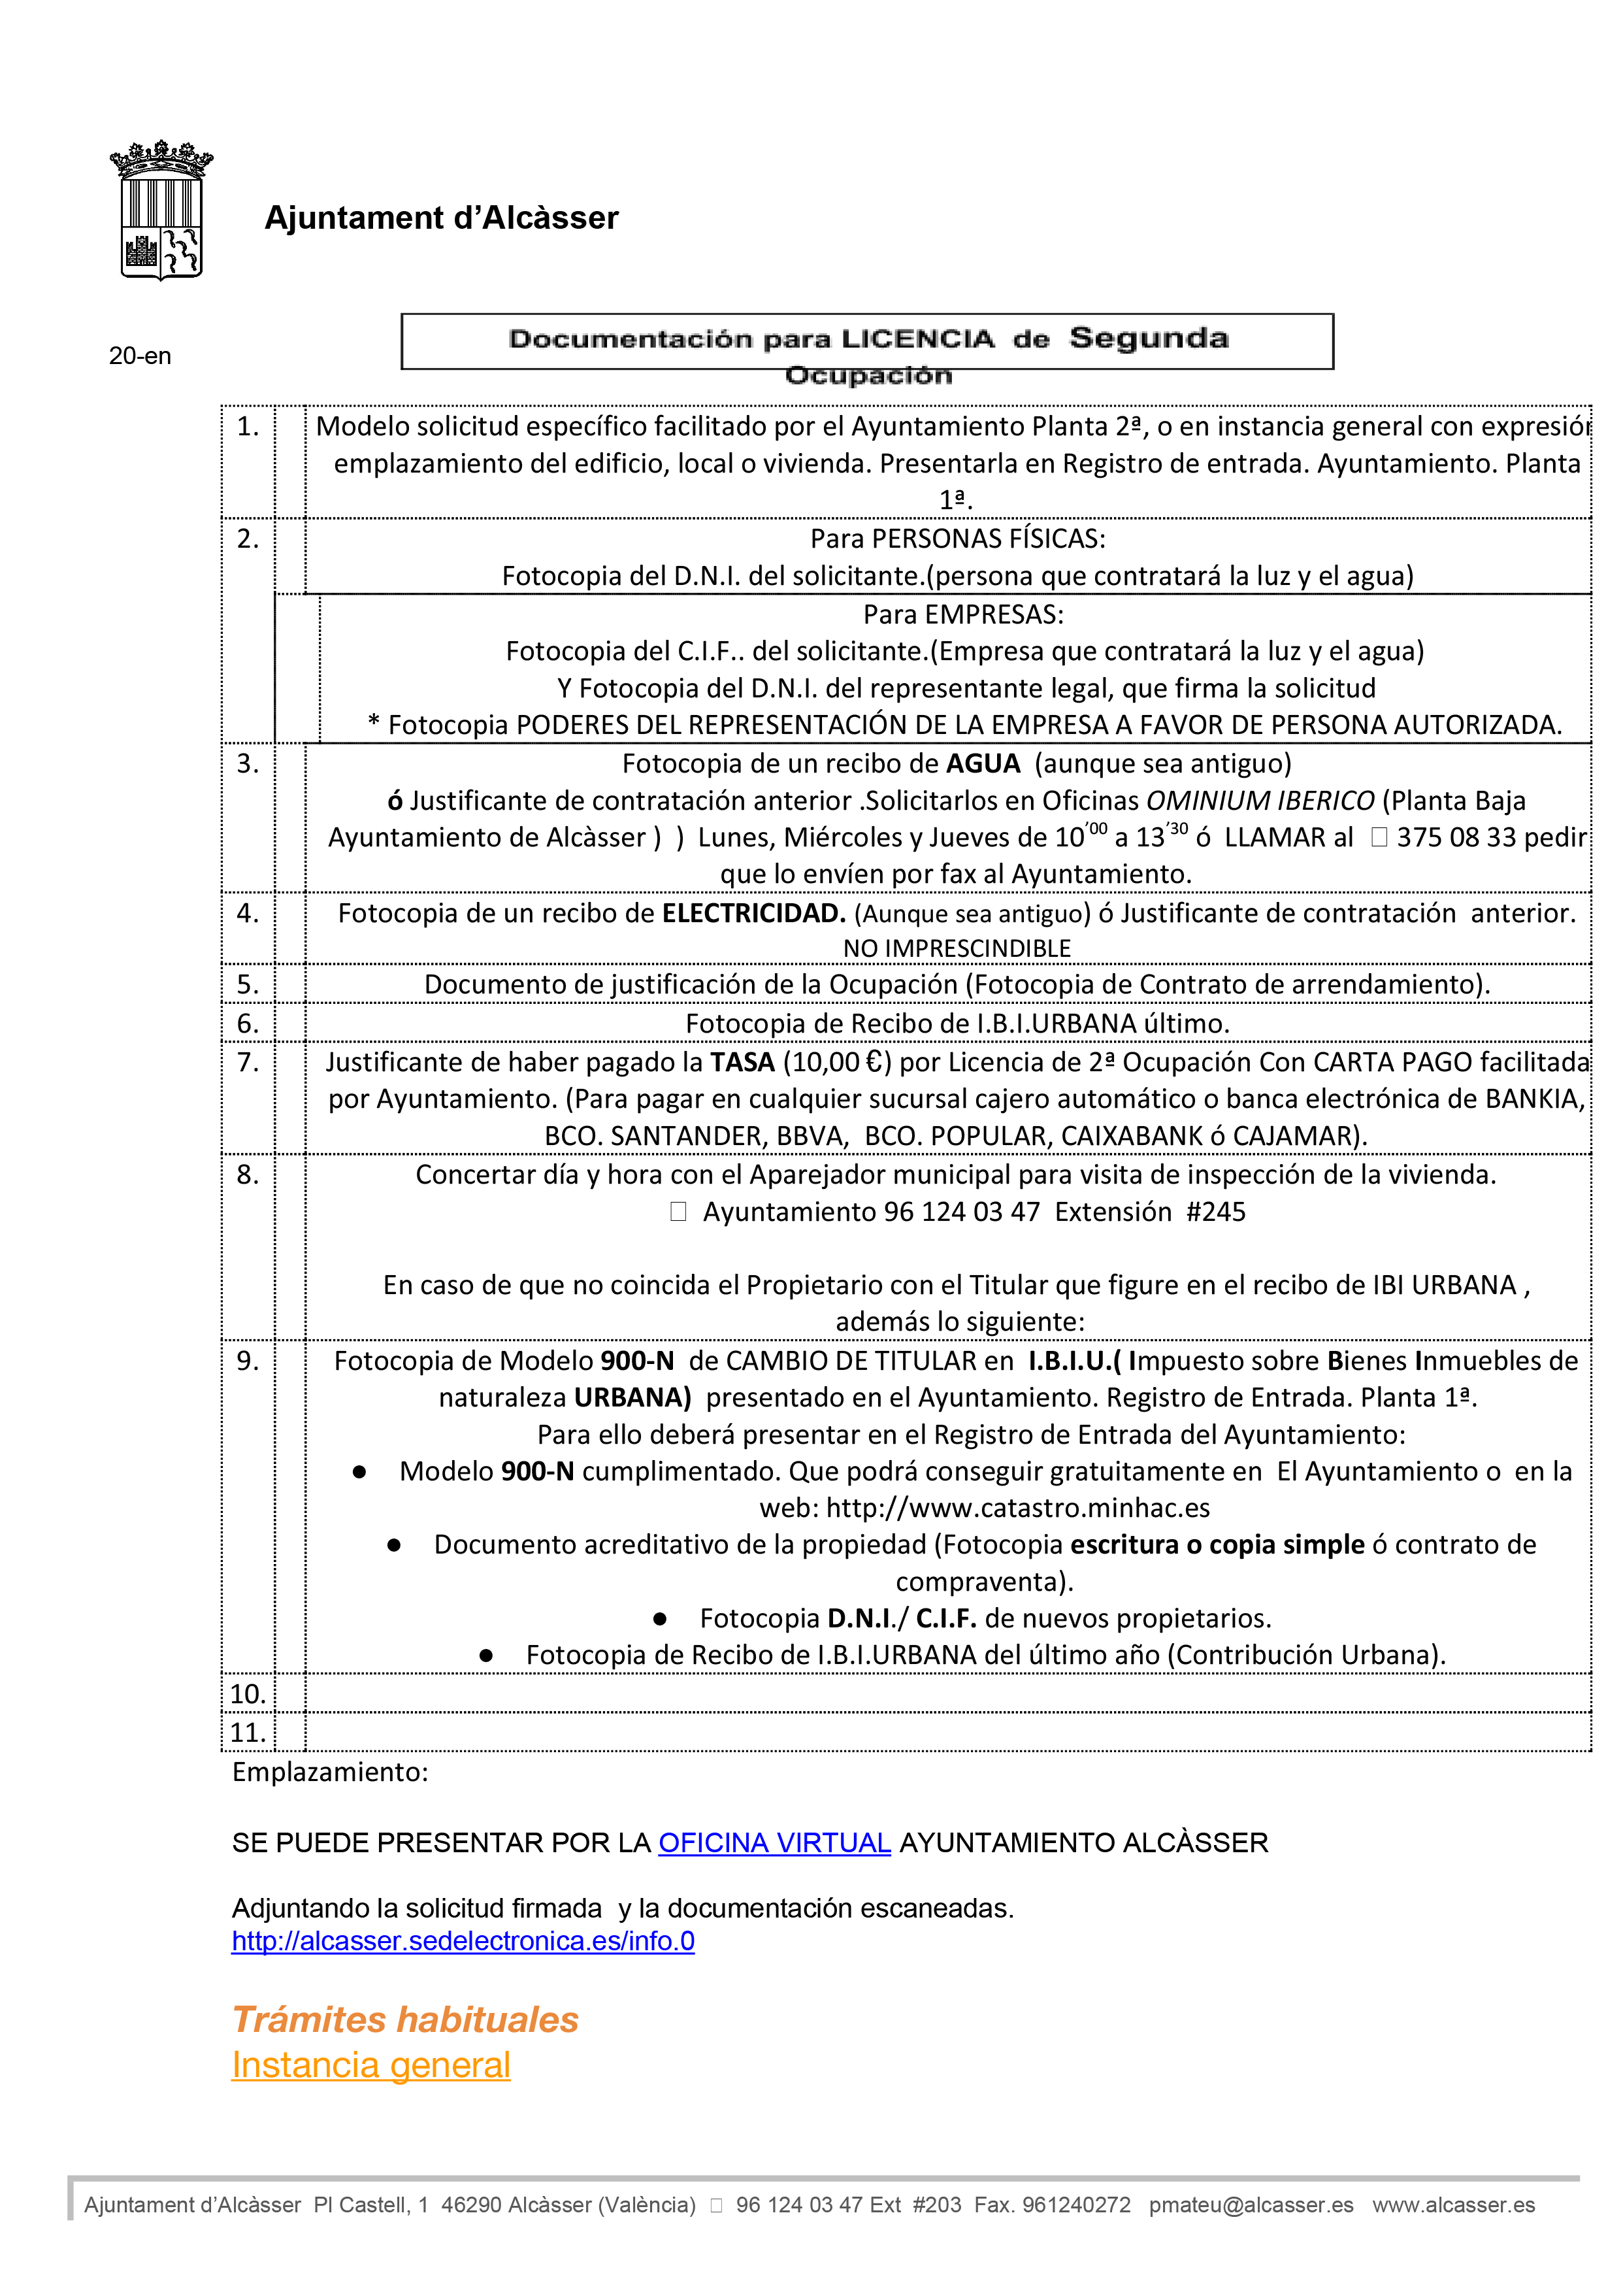 Impreso Declaración Responsable Segunda Ocupación - Alcasser 3